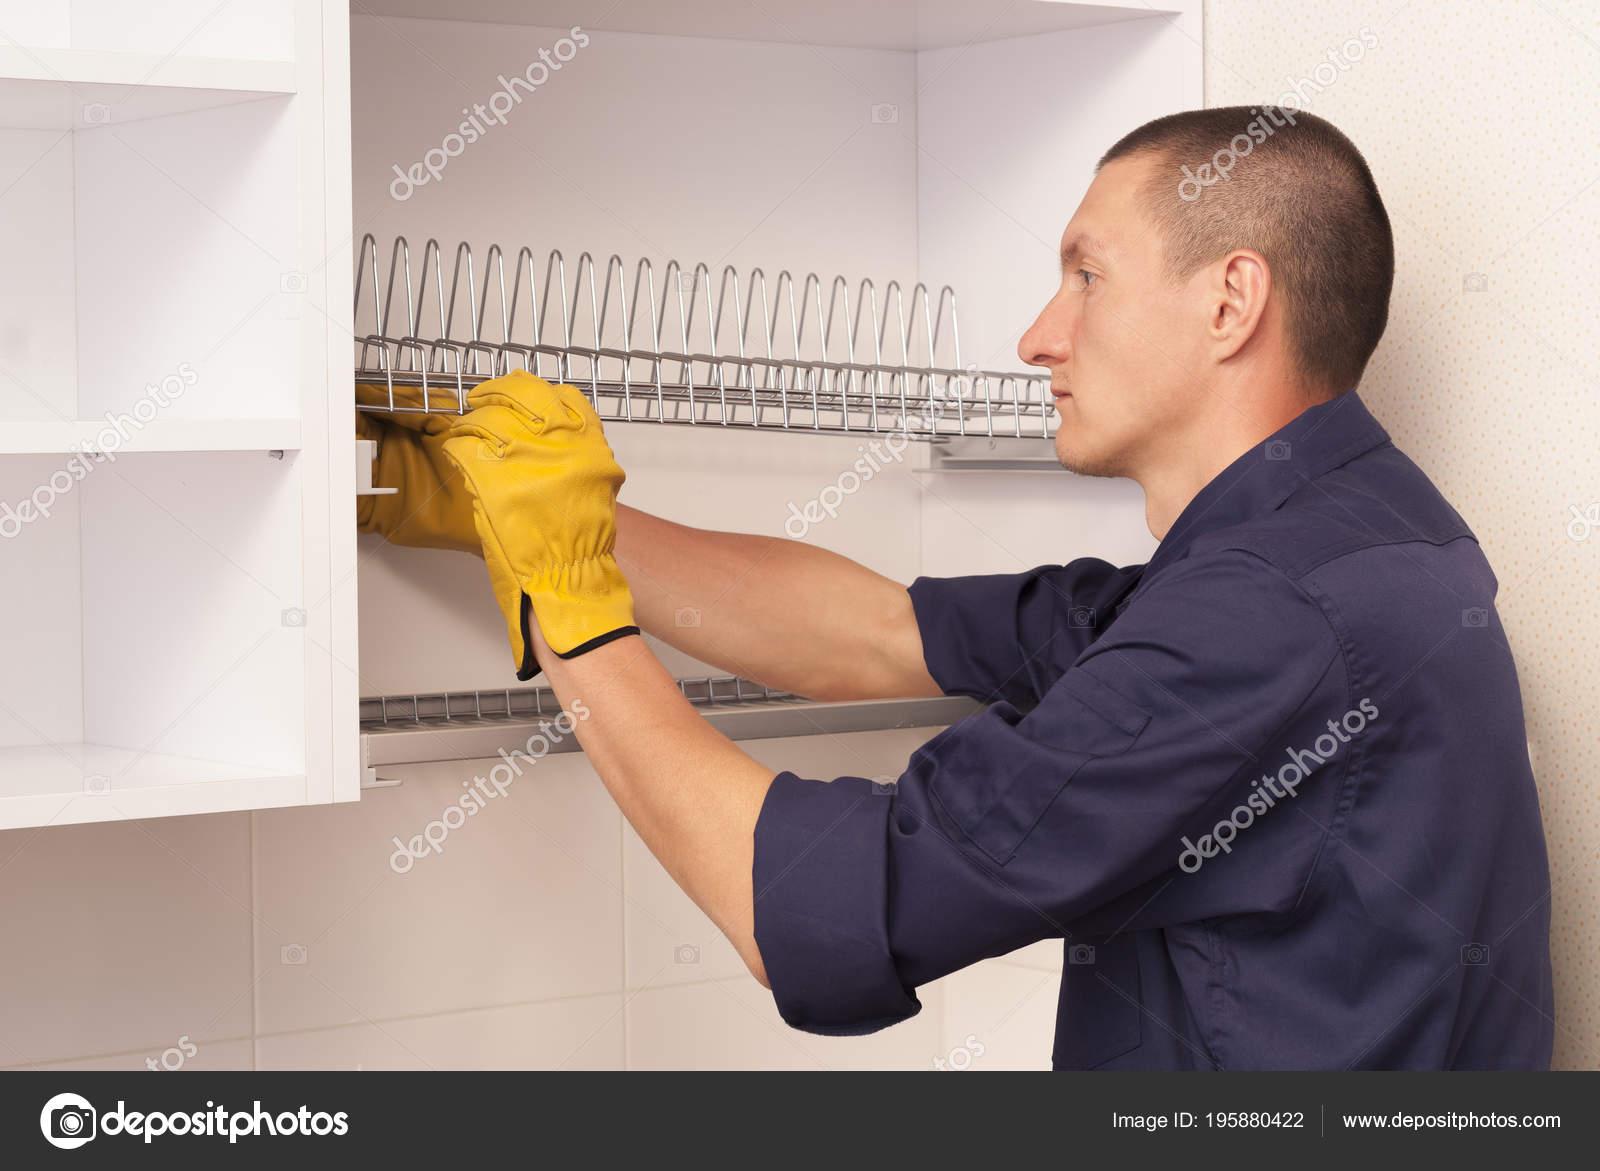 kitchen cabinets ri island furniture 工人在厨柜里设置晾盘子的架子 图库照片 c mkuchina 195880422